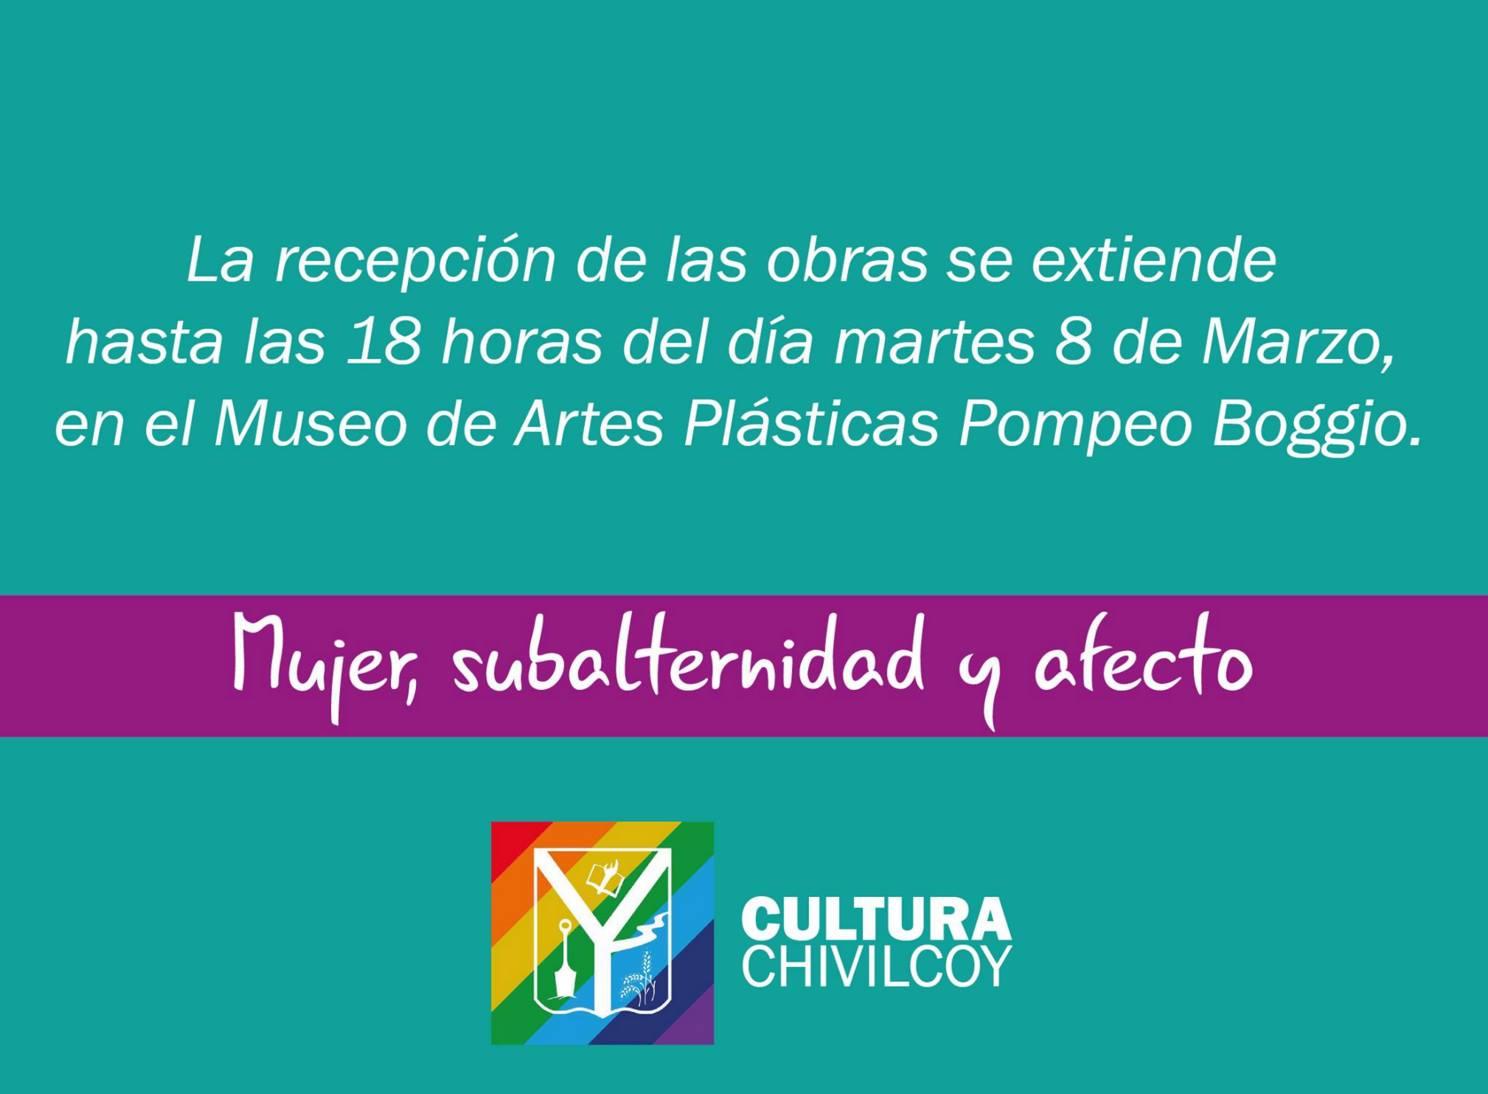 Noticias_chivilcoy_6marzo cultura vilas